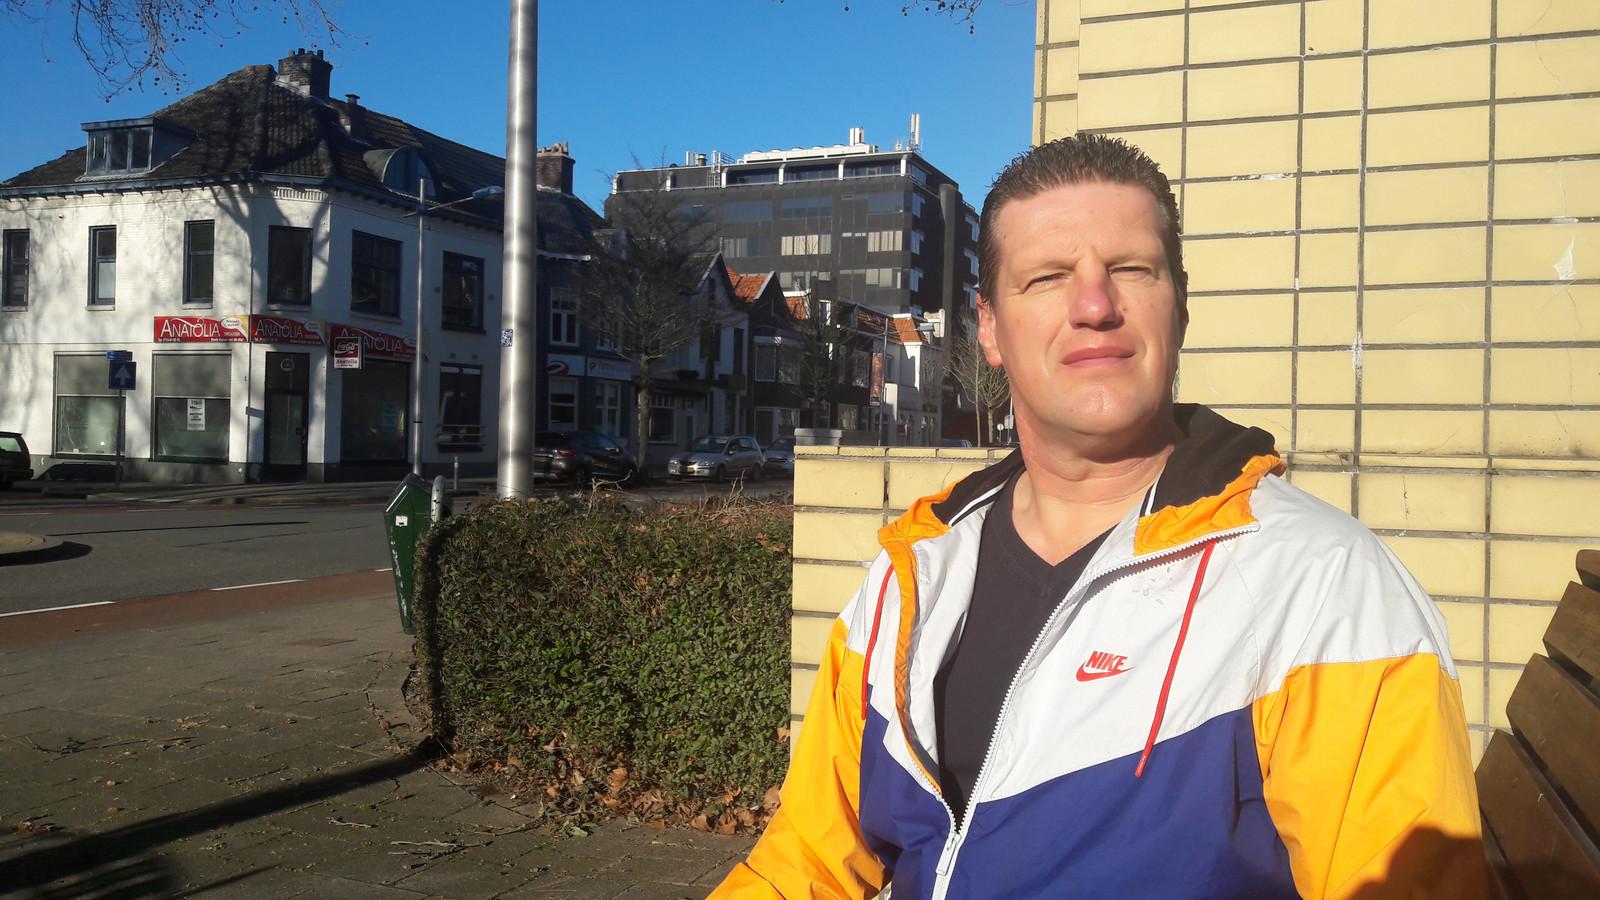 Marcel Hemmer trad doortastend op, toen een 22-jarige Terneuzenaar donderdag een vrouw in de Noordstraat uit het niets mishandelde.